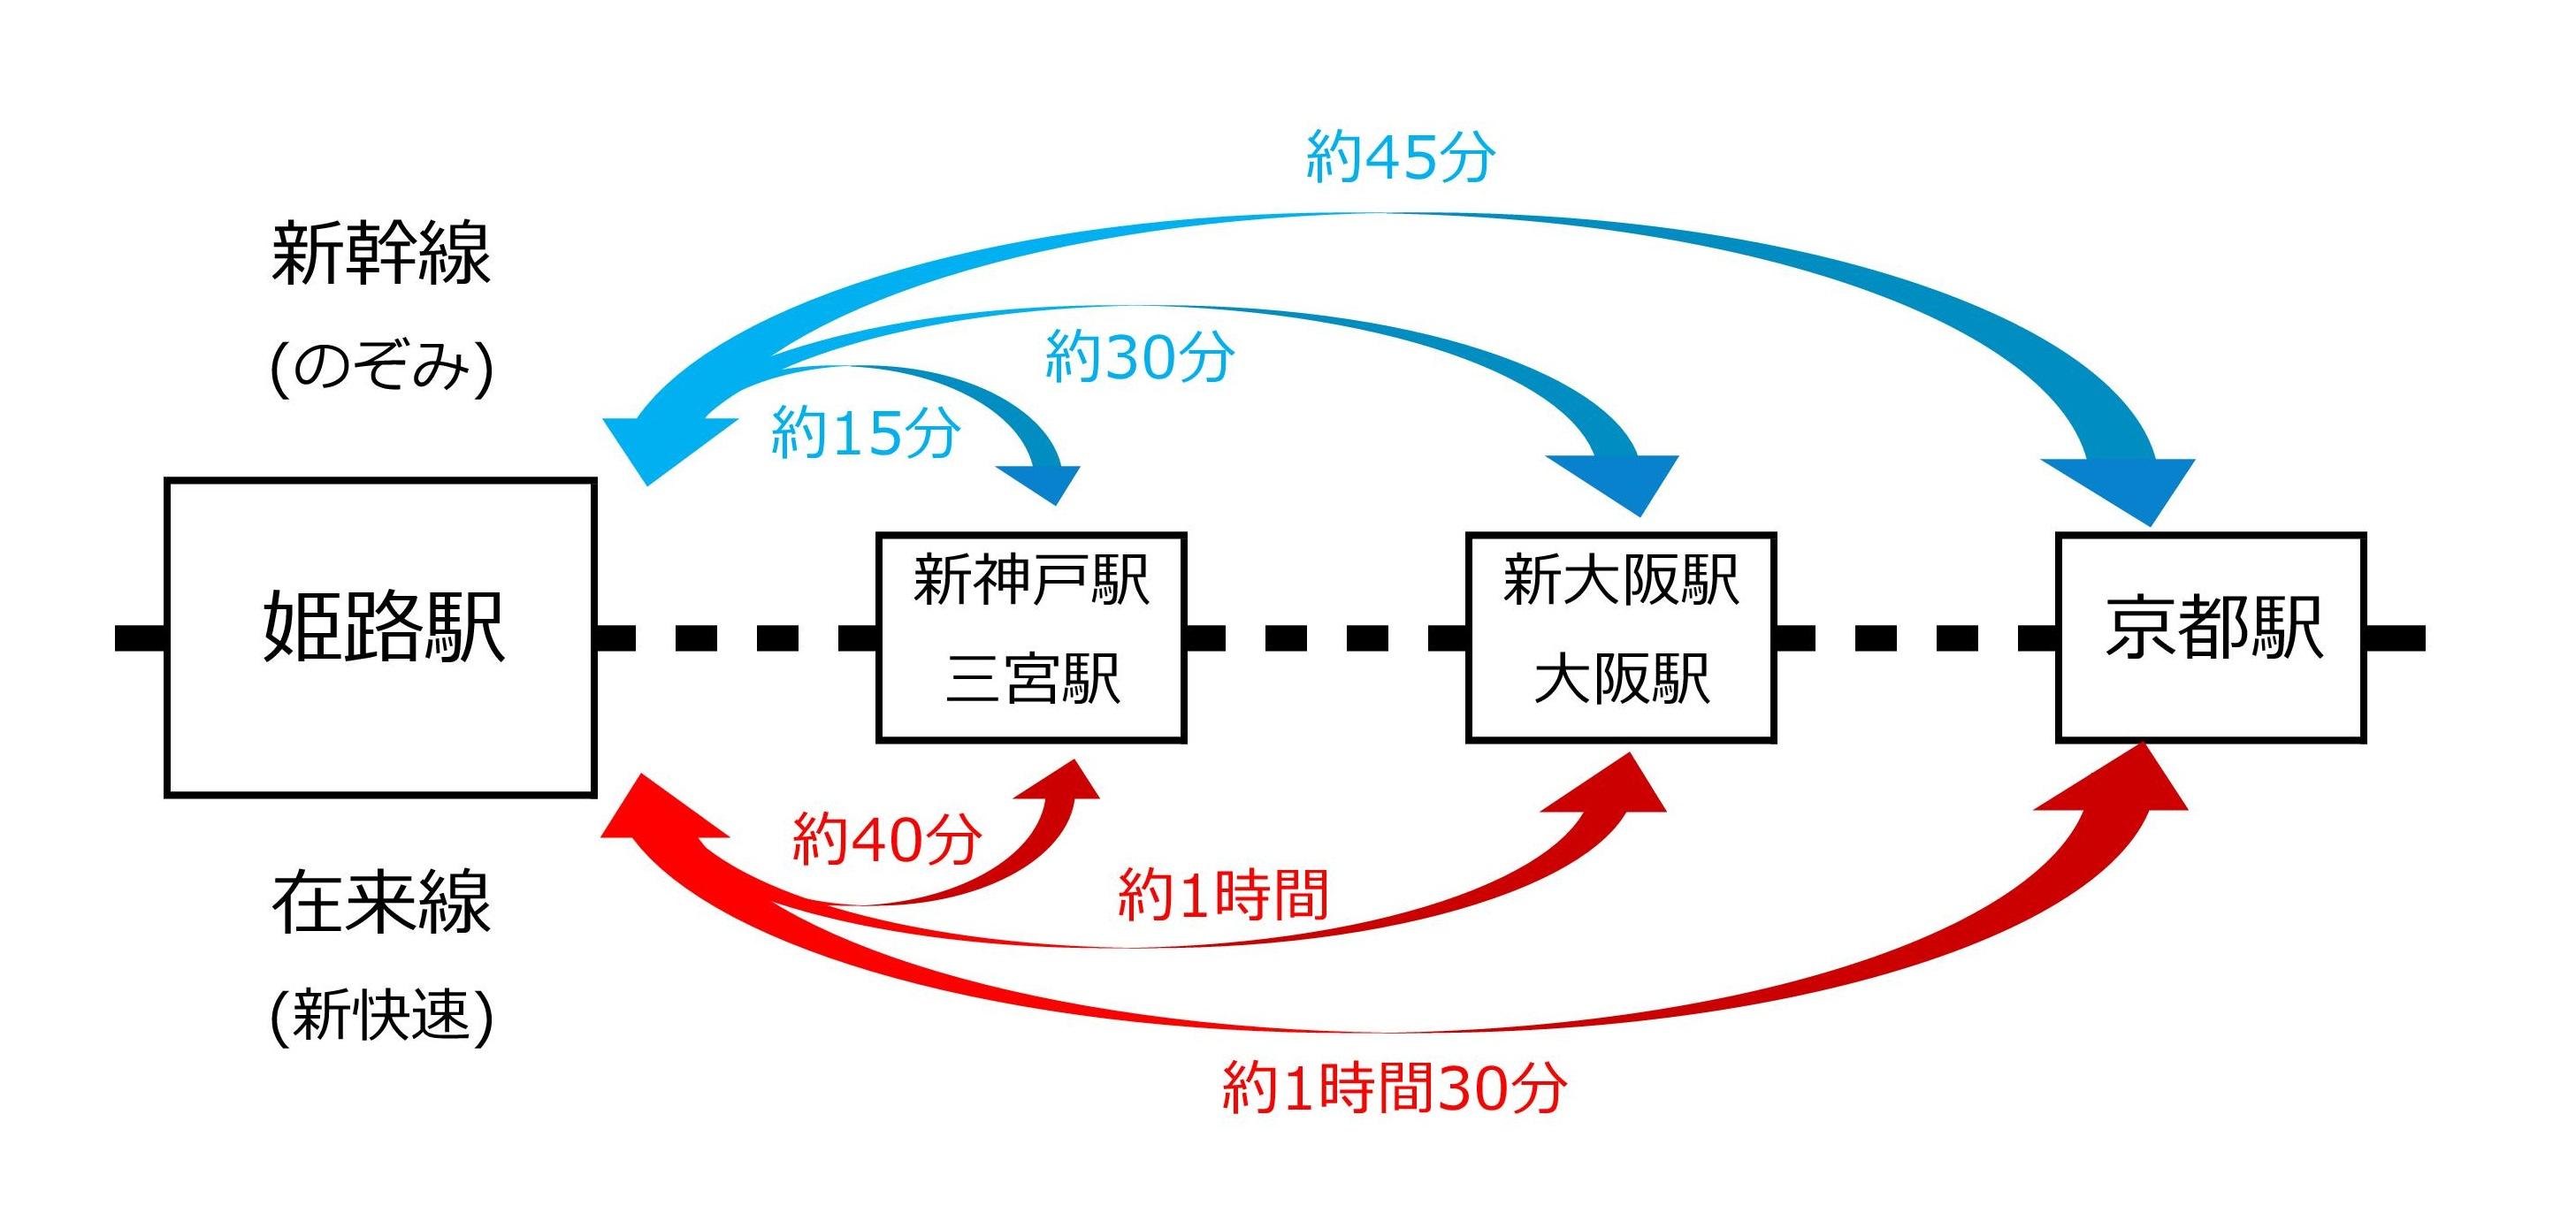 JR姫路駅から主要駅までの移動時間